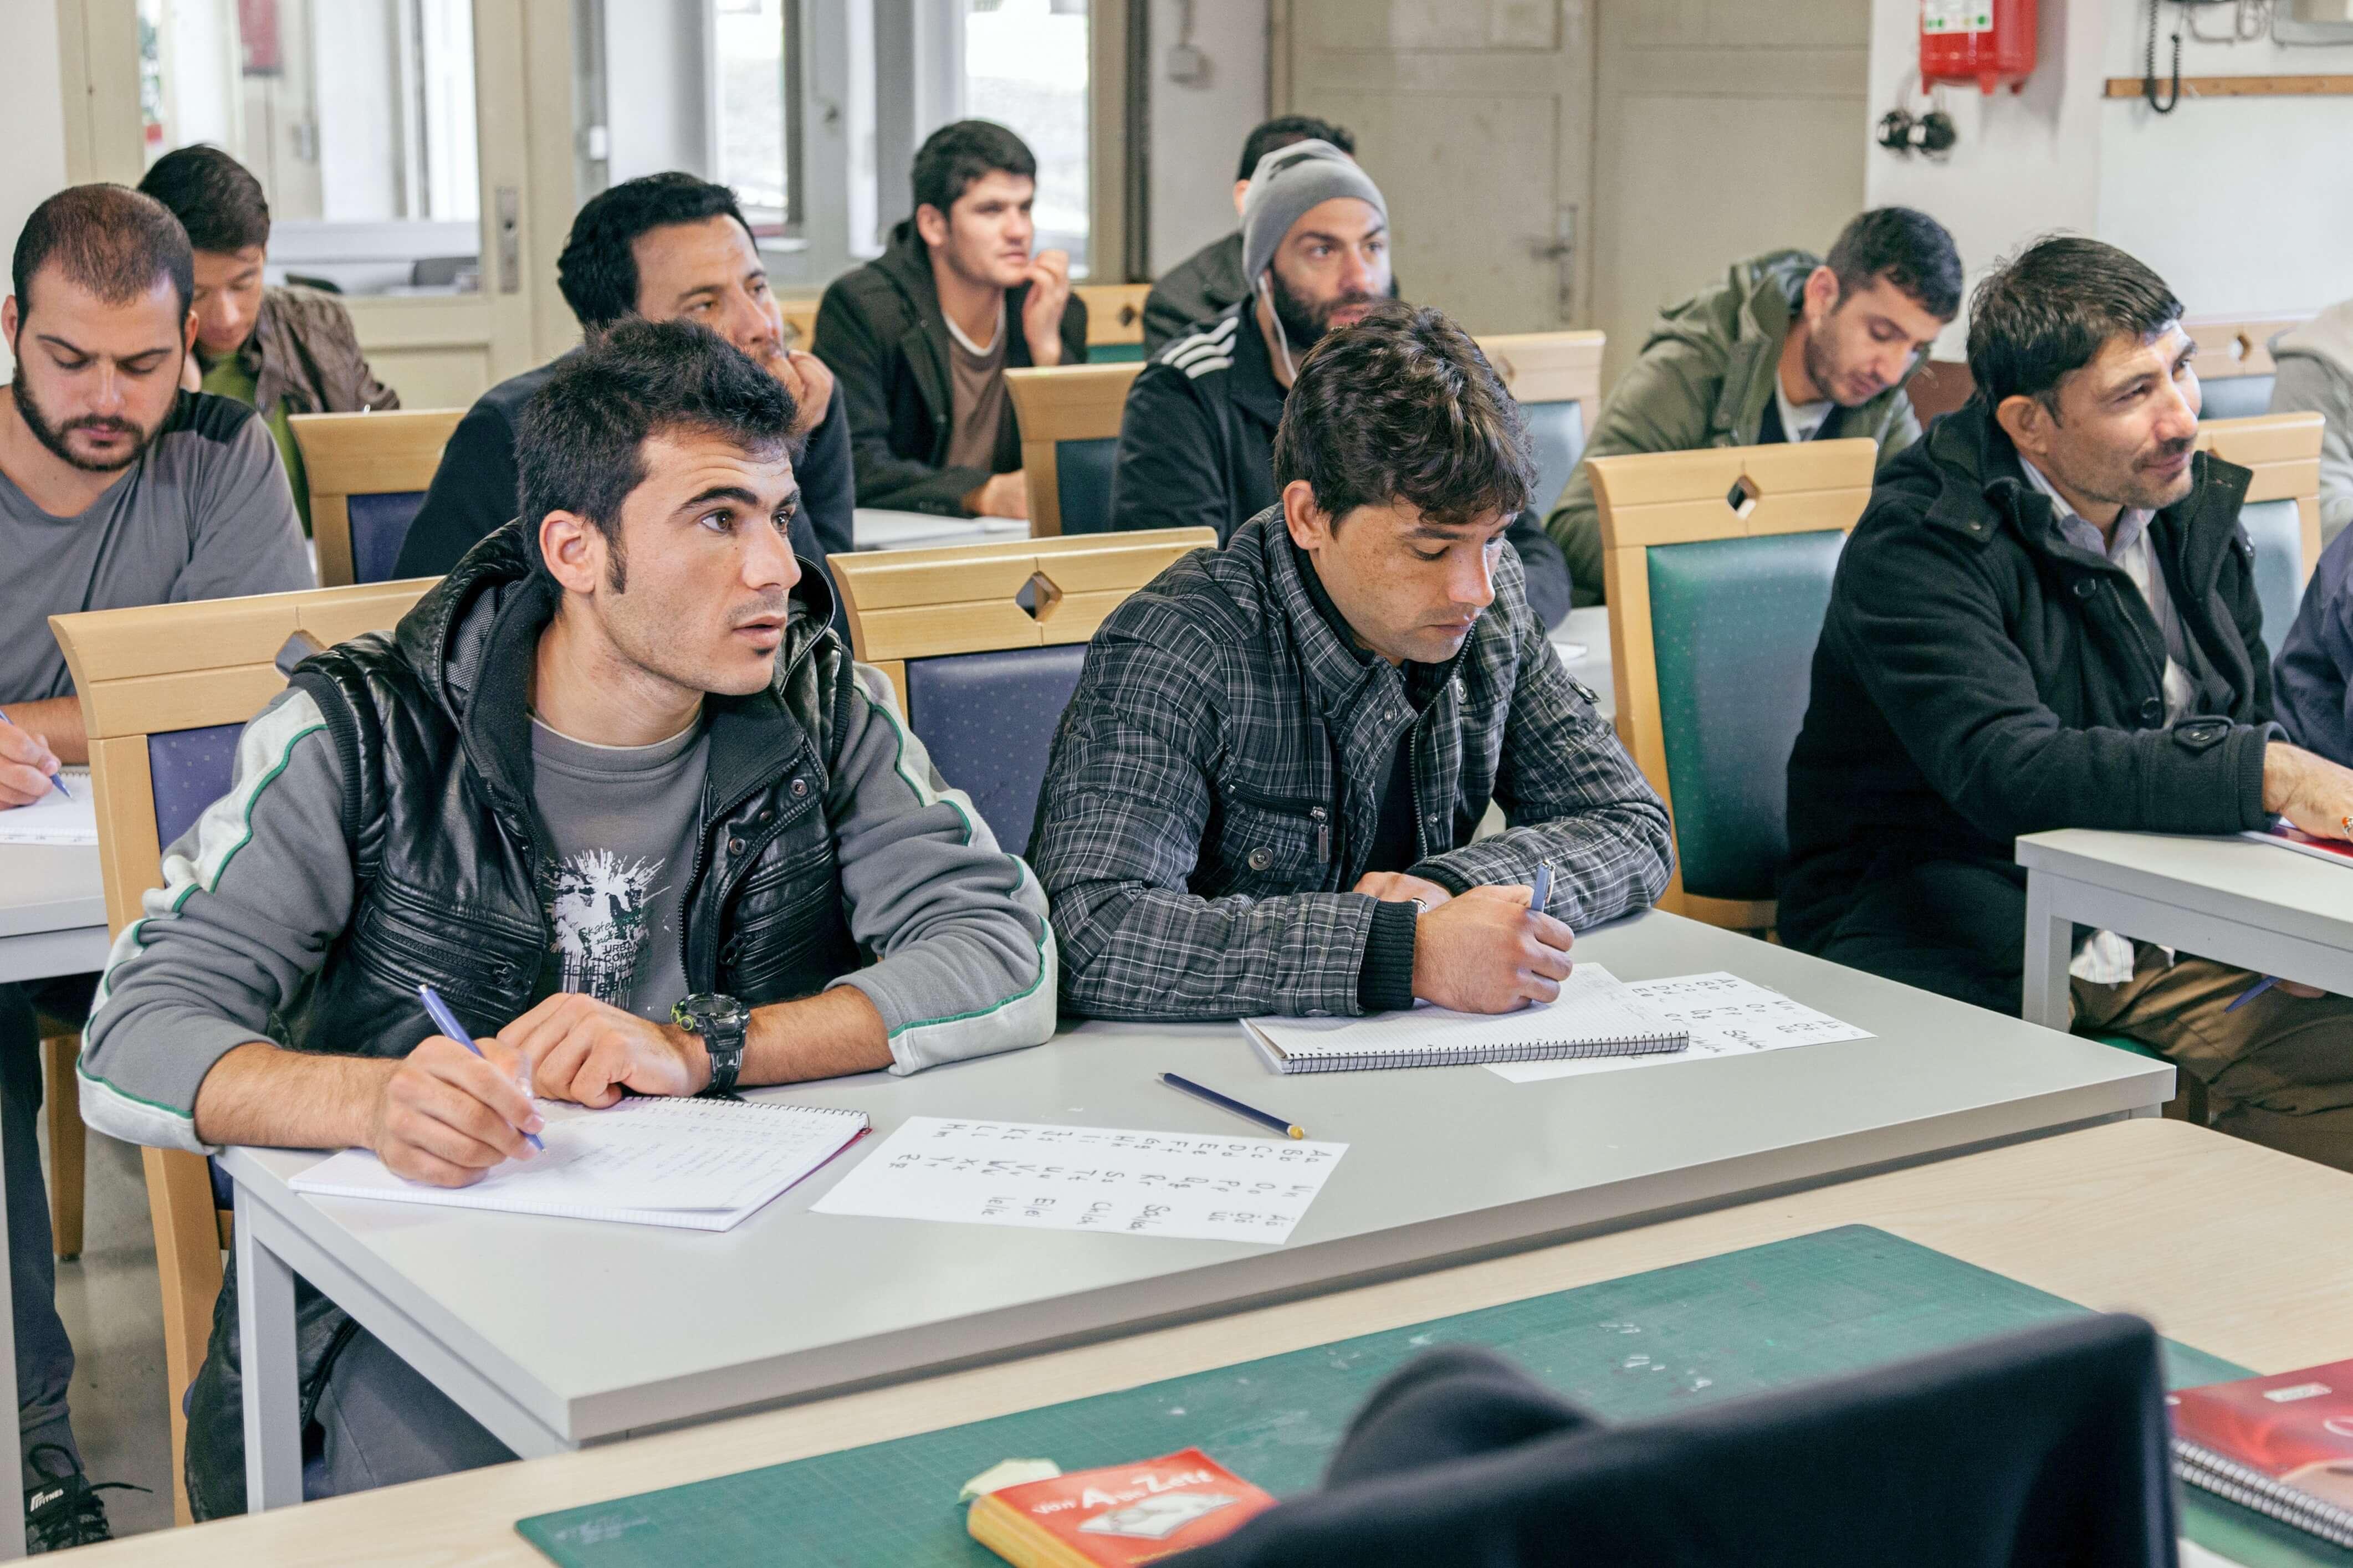 Die Johanniter setzen sich für die berufliche Integration von Menschen mit Flucht- oder Migrationserfahrung ein.